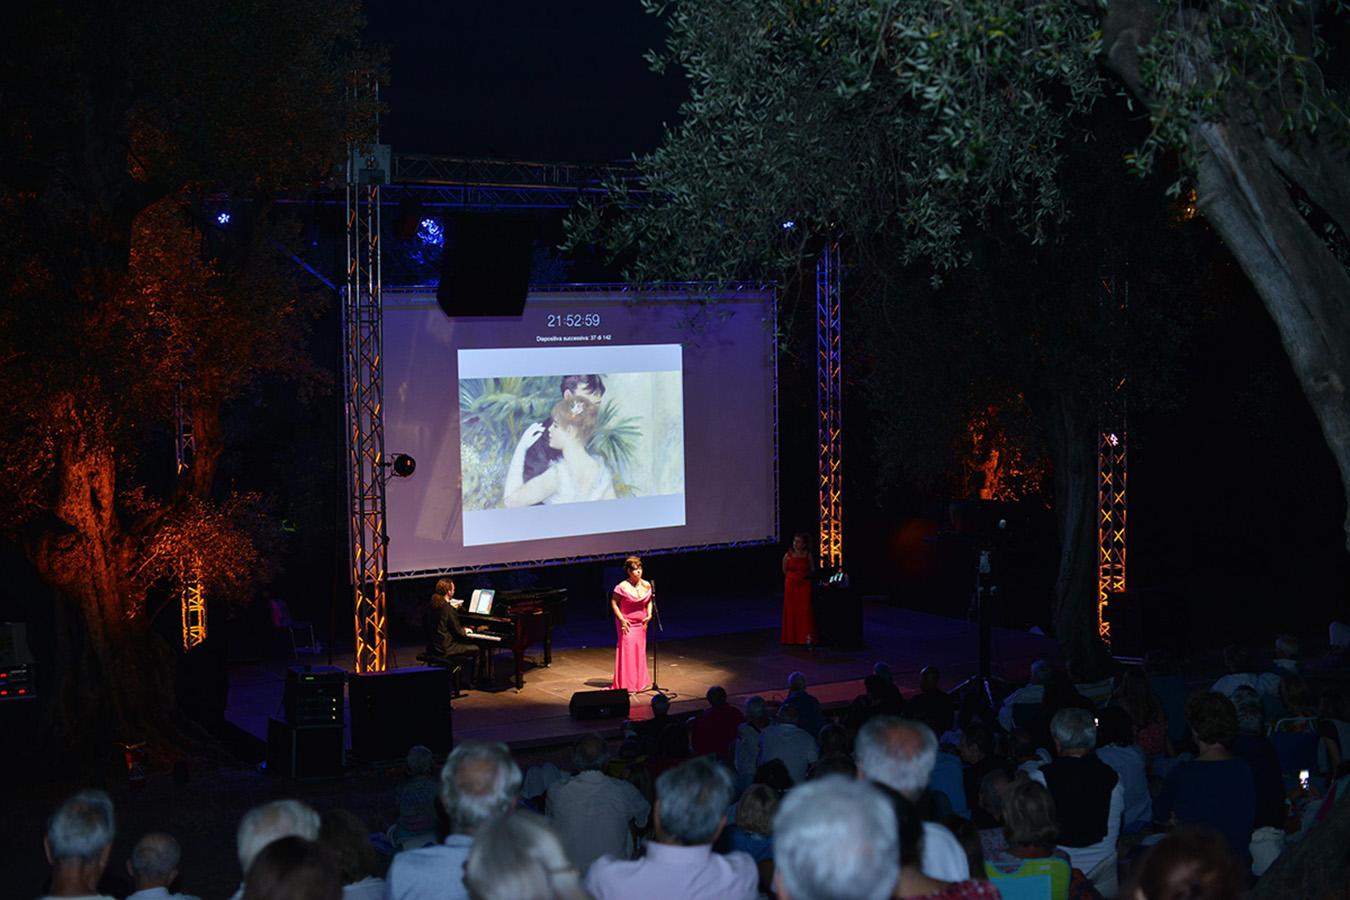 Concerto - Spettacolo dedicato a P. A. Renoir